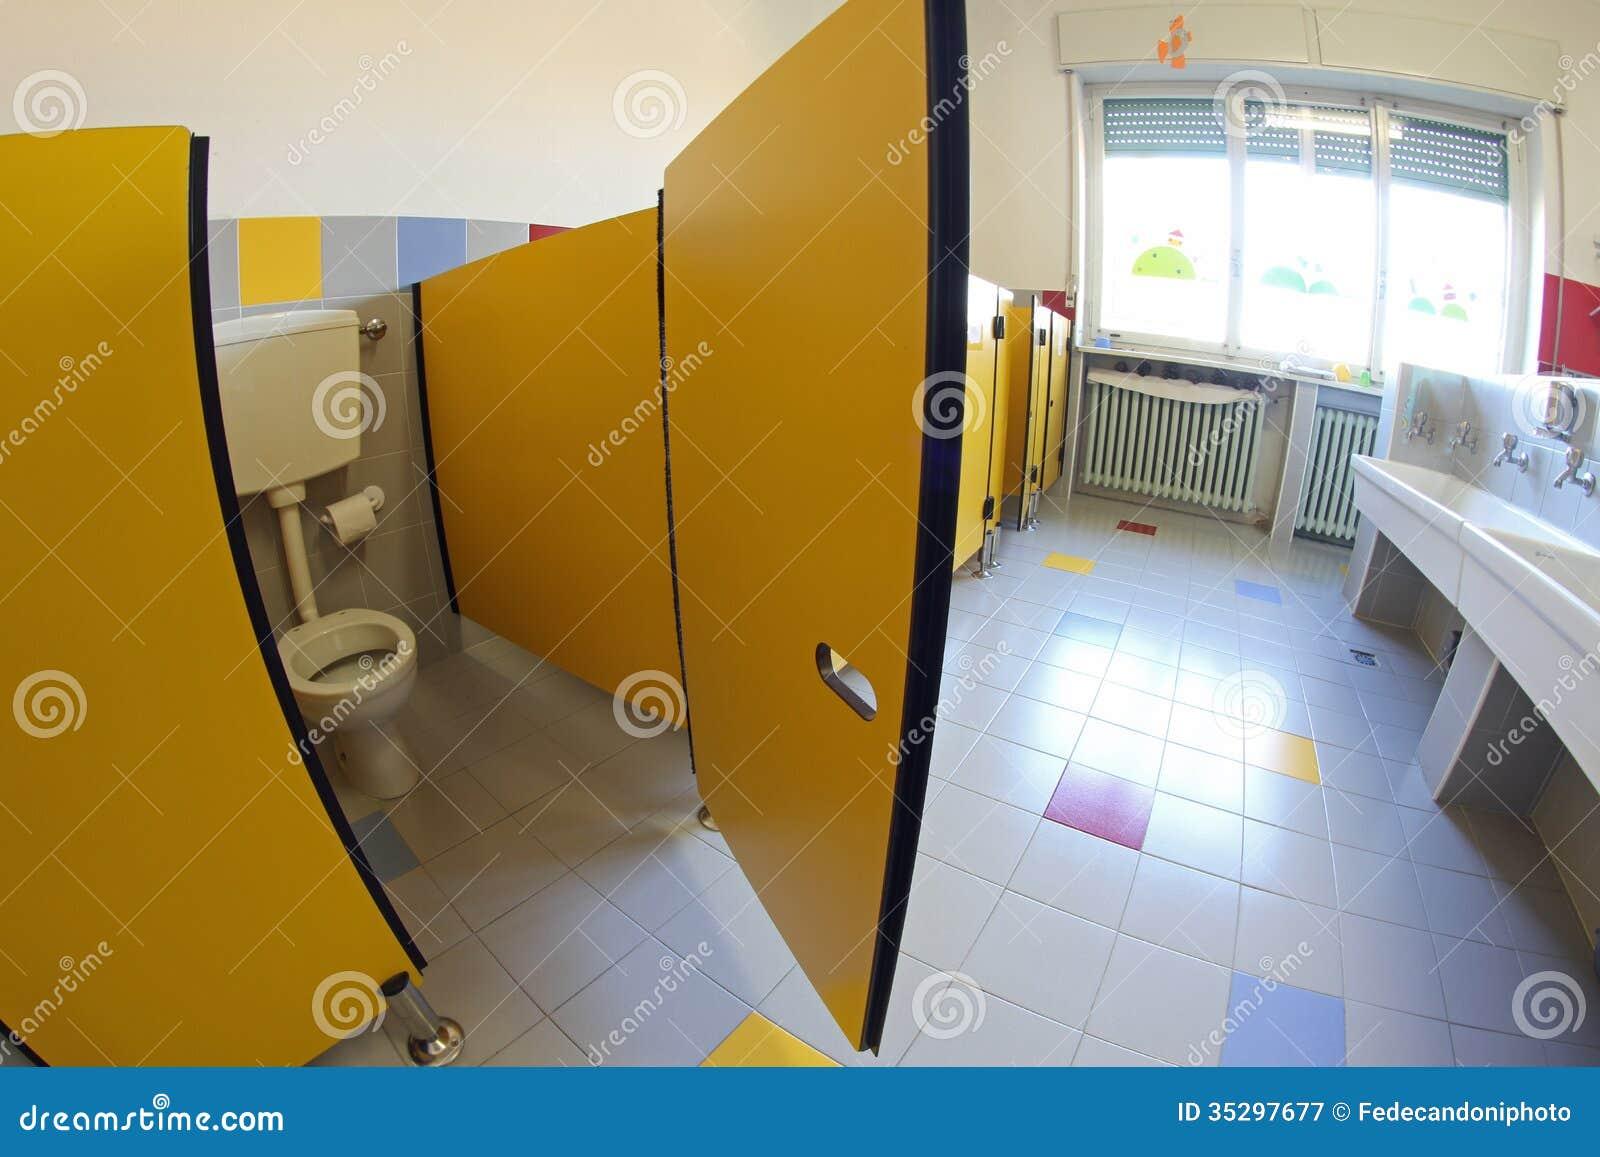 Piccoli bagni e lavandini bassi in una scuola per i bambini ...